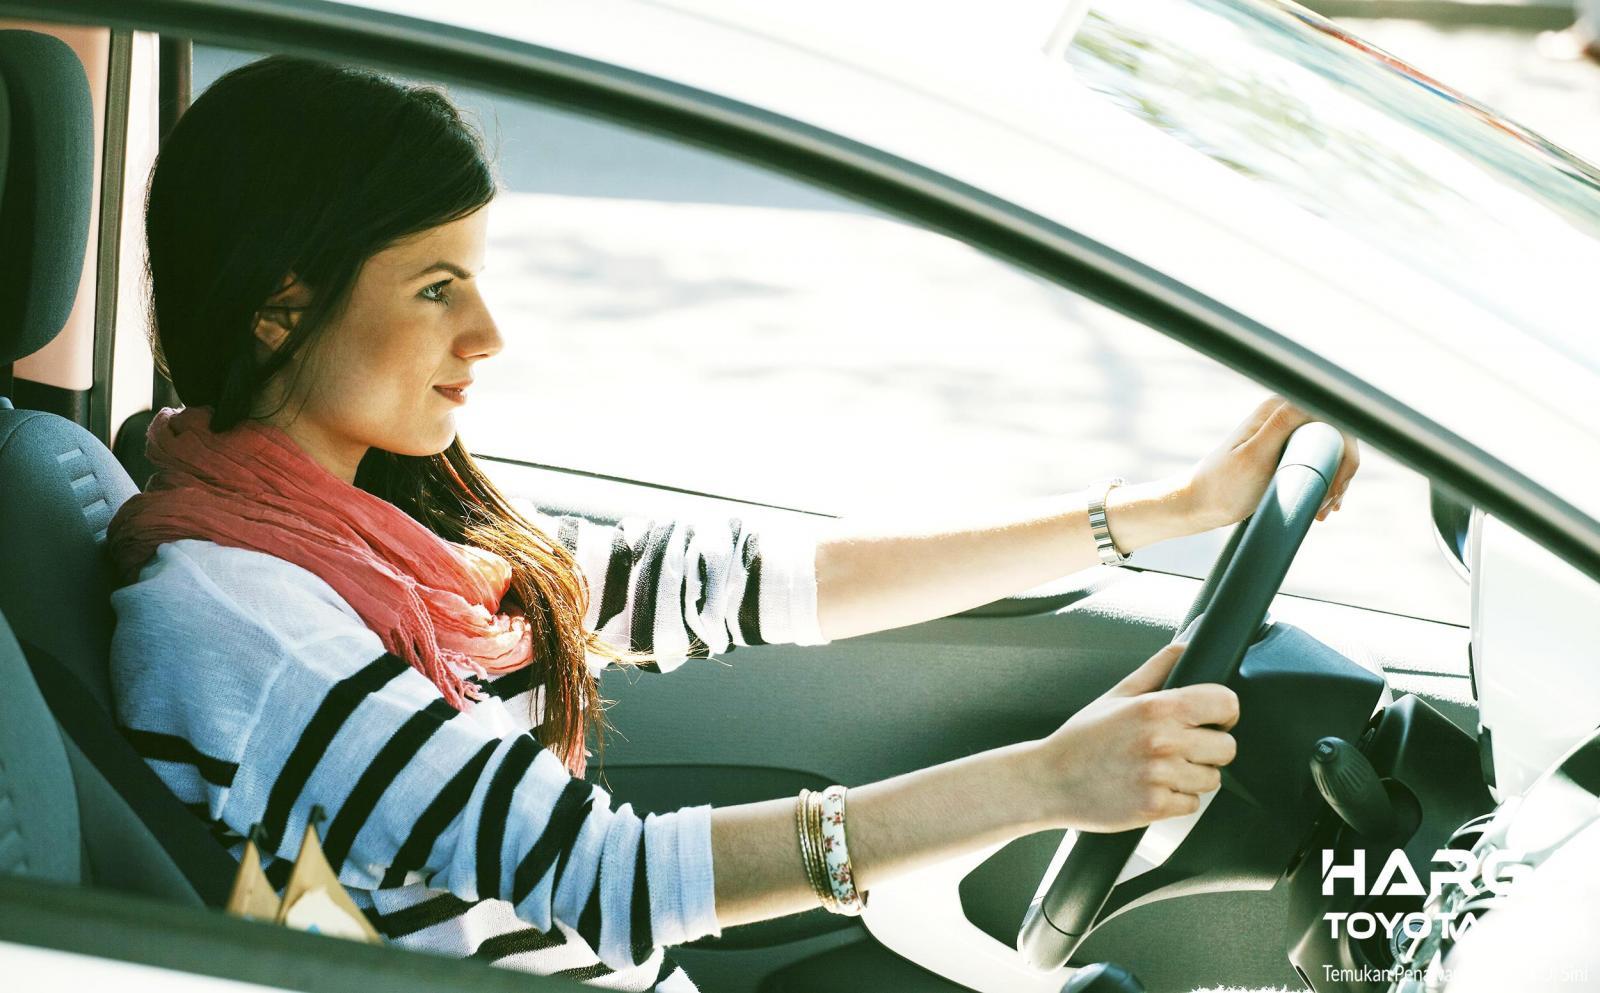 Seorang wanita nampak sedang mengemudi